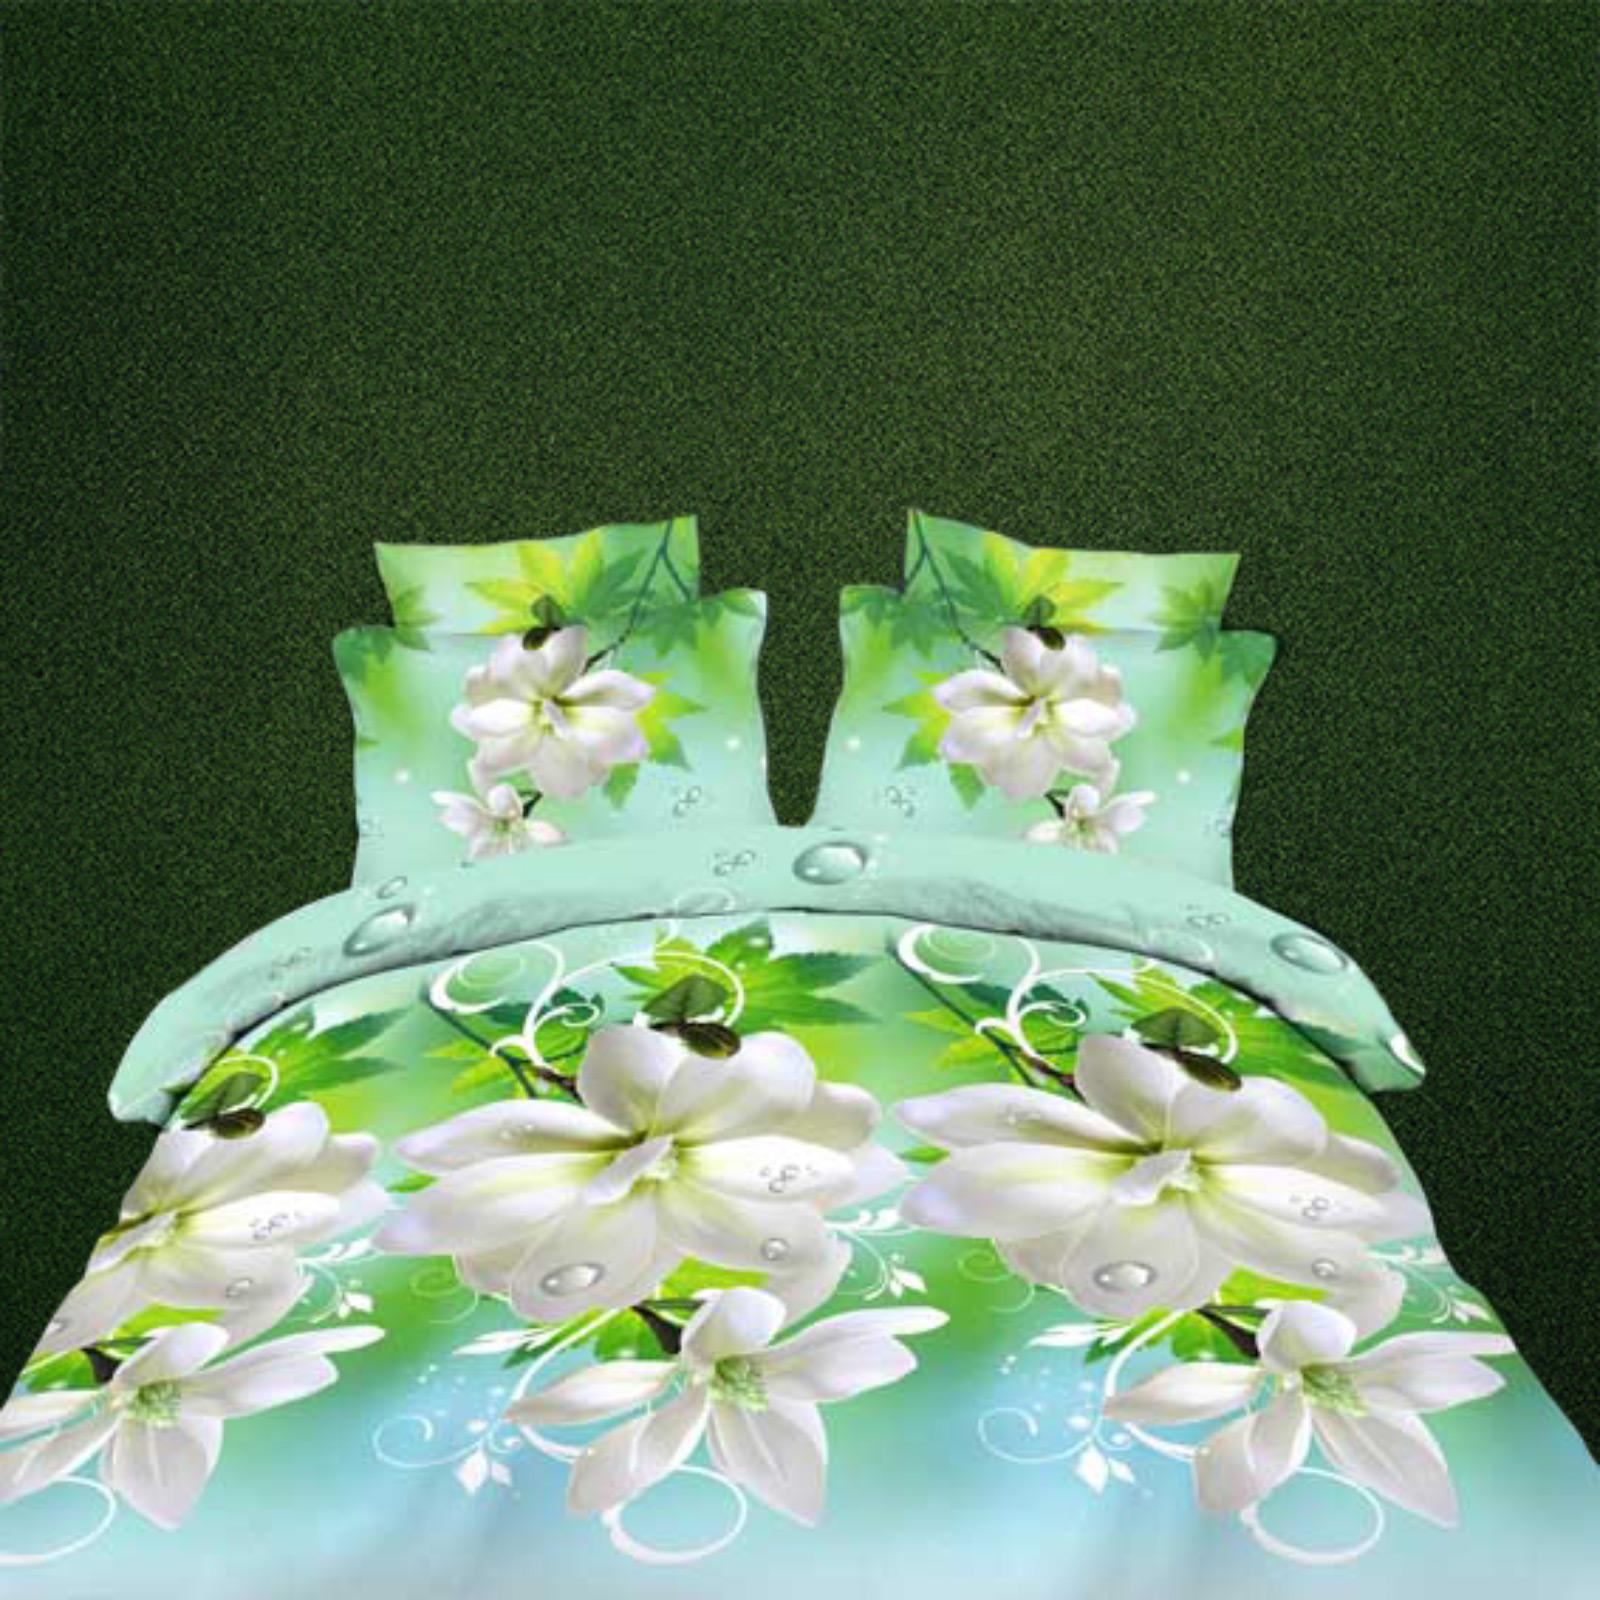 Комплект постельного белья «Свежесть магнолии»